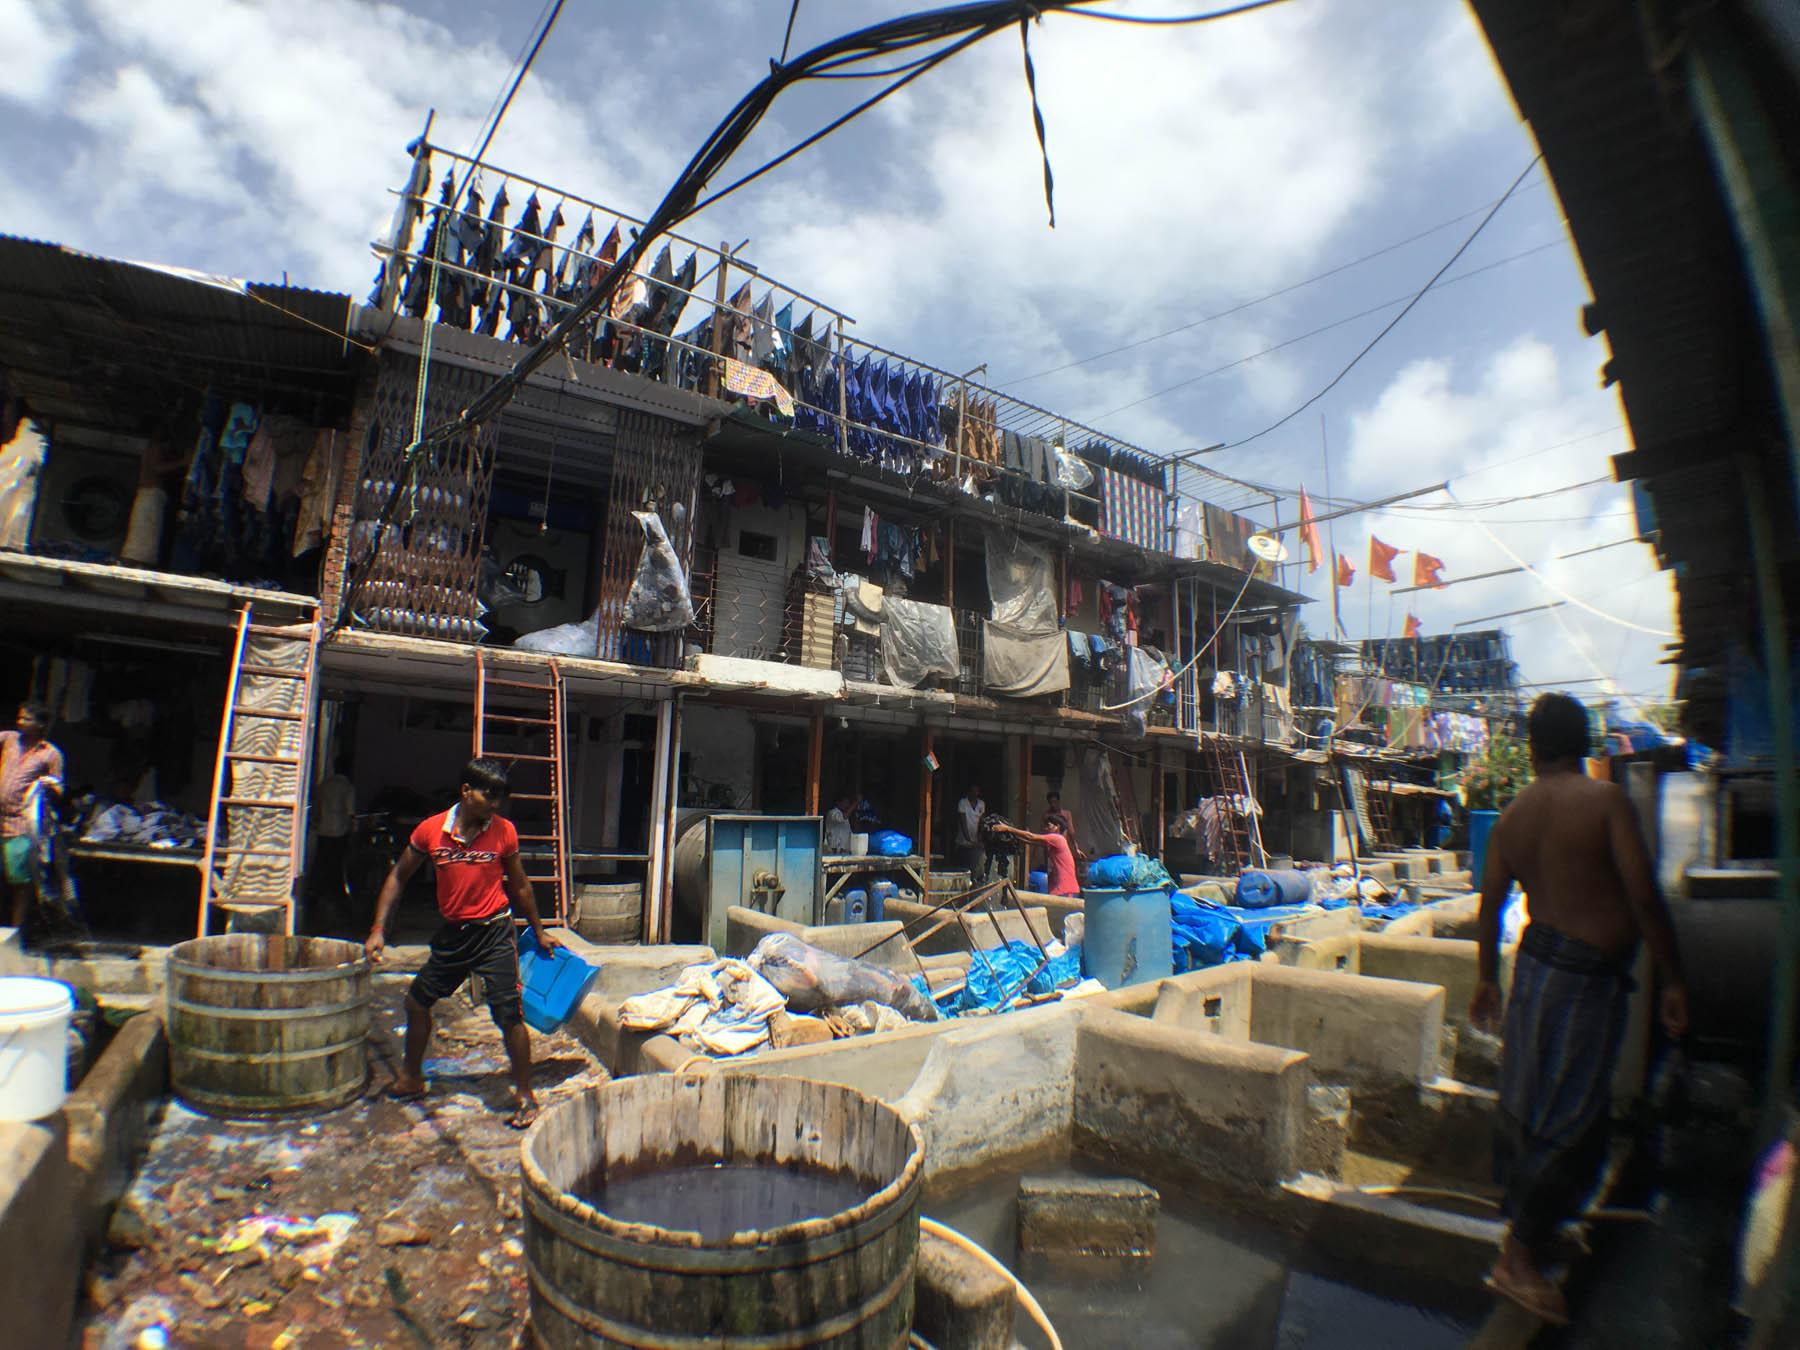 ムンバイ 巨大洗濯工場 ドービーガート